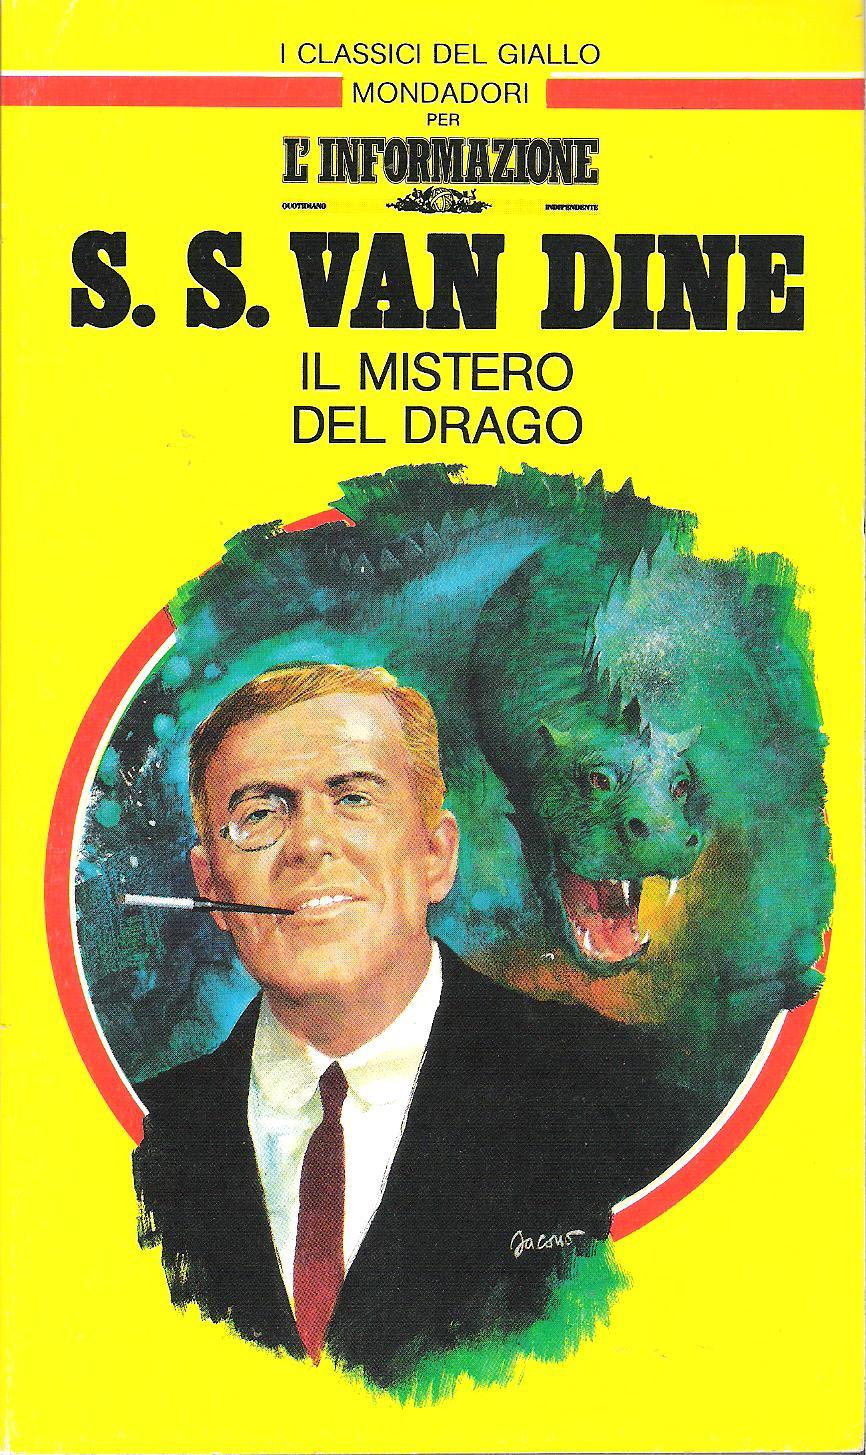 Il mistero del drago